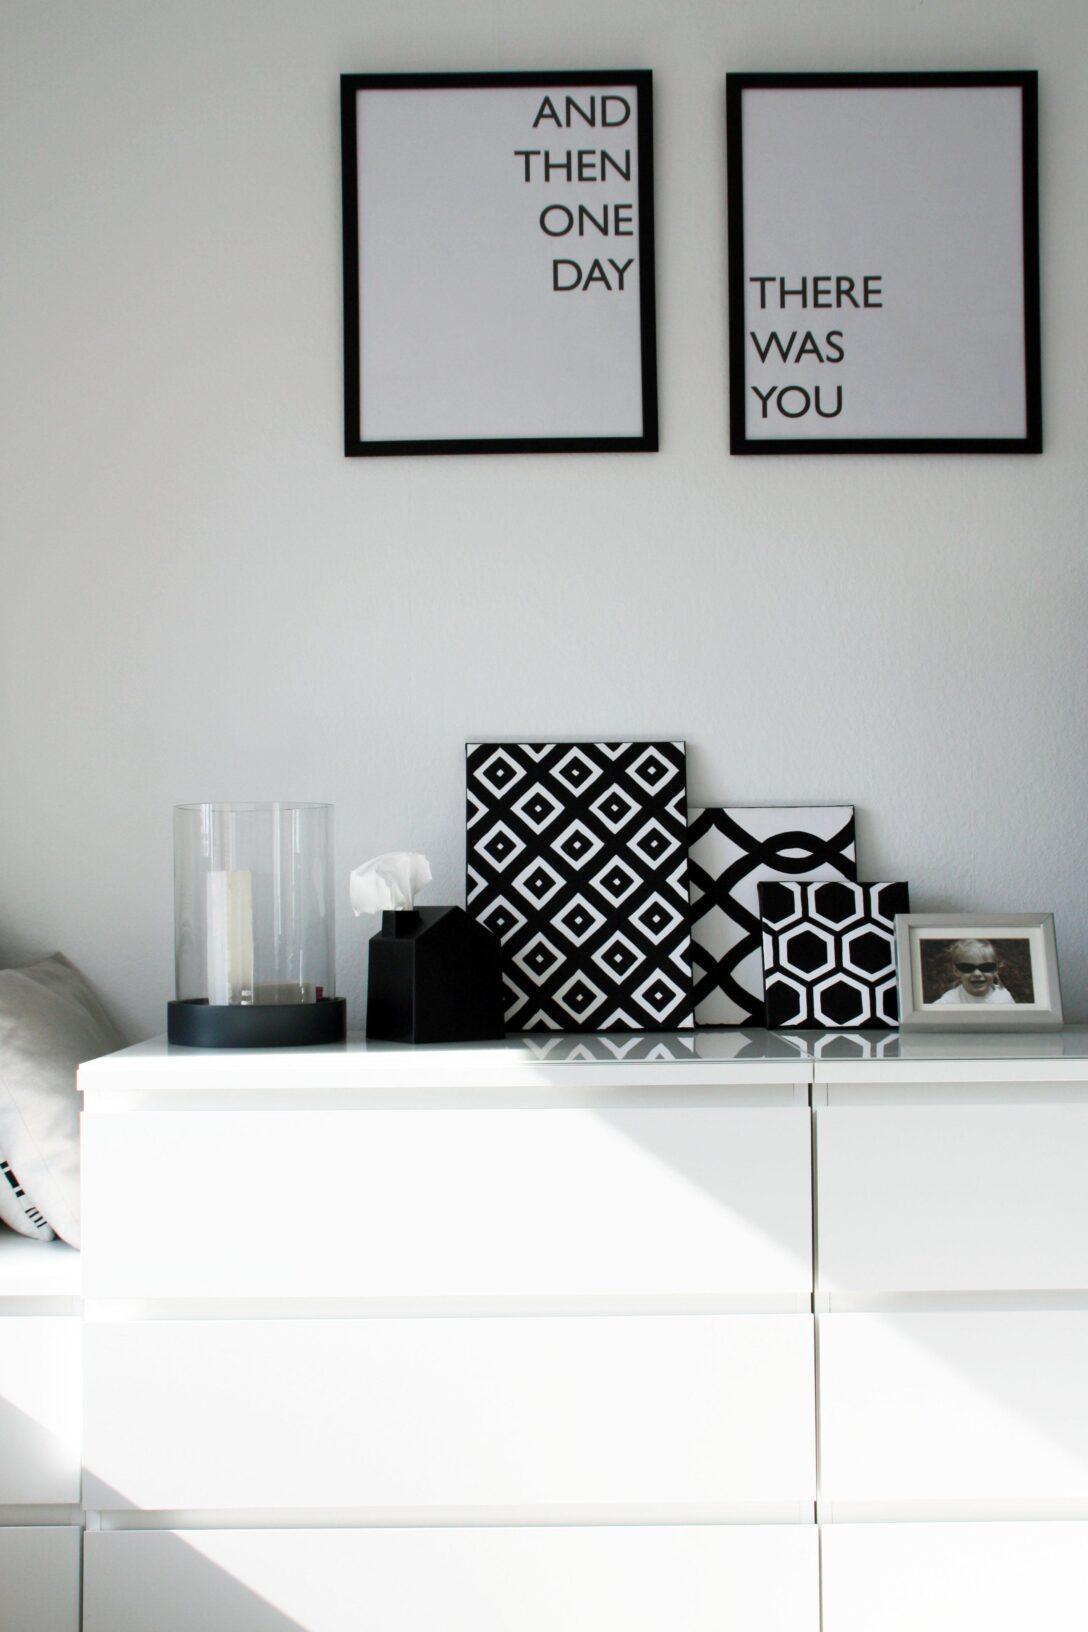 Large Size of Sideboard Bedroom Deko Wohnen Living Greycro Wohnzimmer Badezimmer Schlafzimmer Dekoration Für Küche Mit Arbeitsplatte Wanddeko Wohnzimmer Deko Sideboard